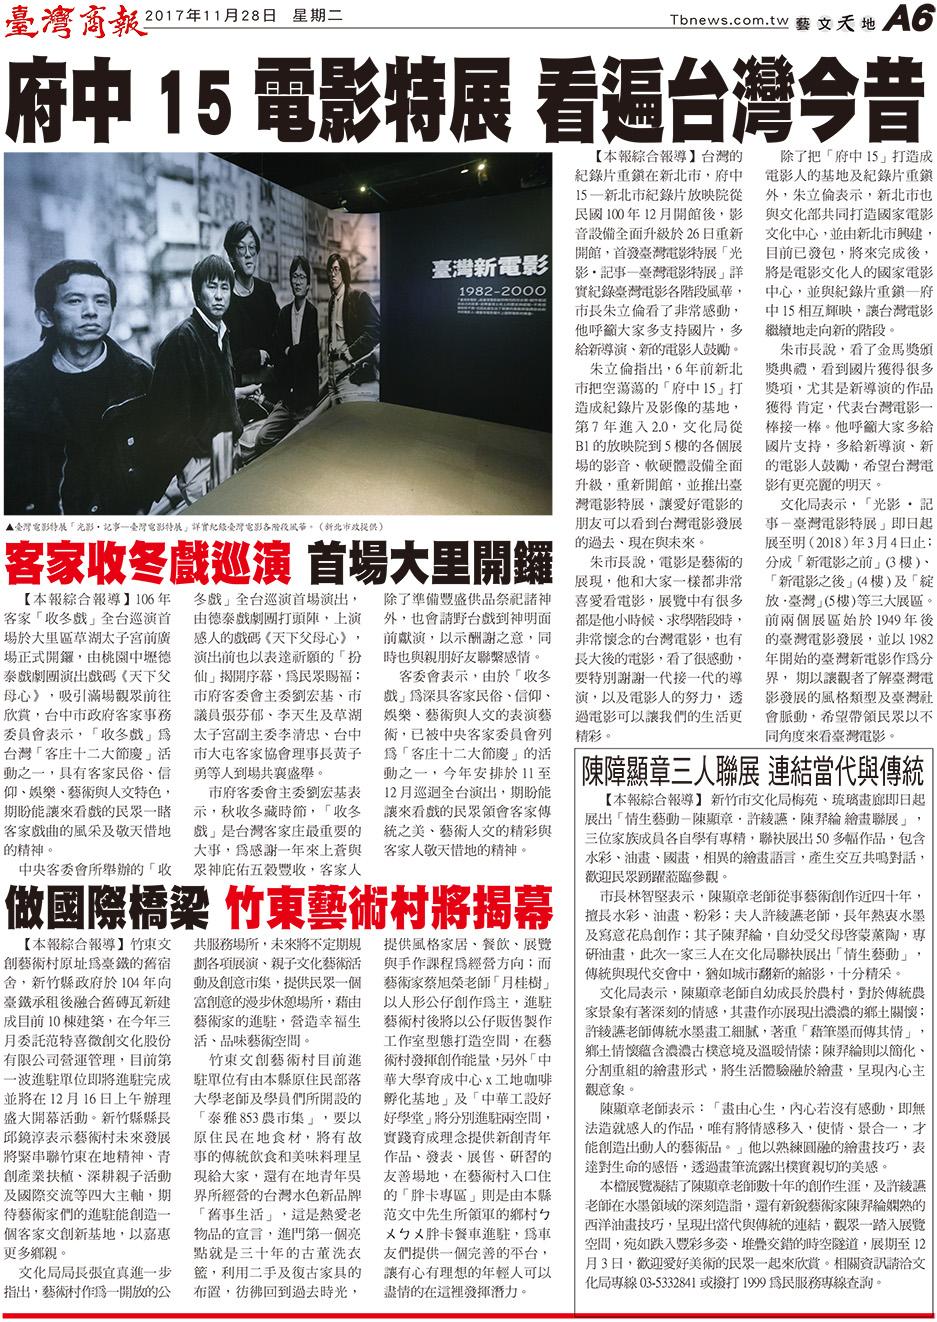 府中 15 電影特展 看遍台灣今昔